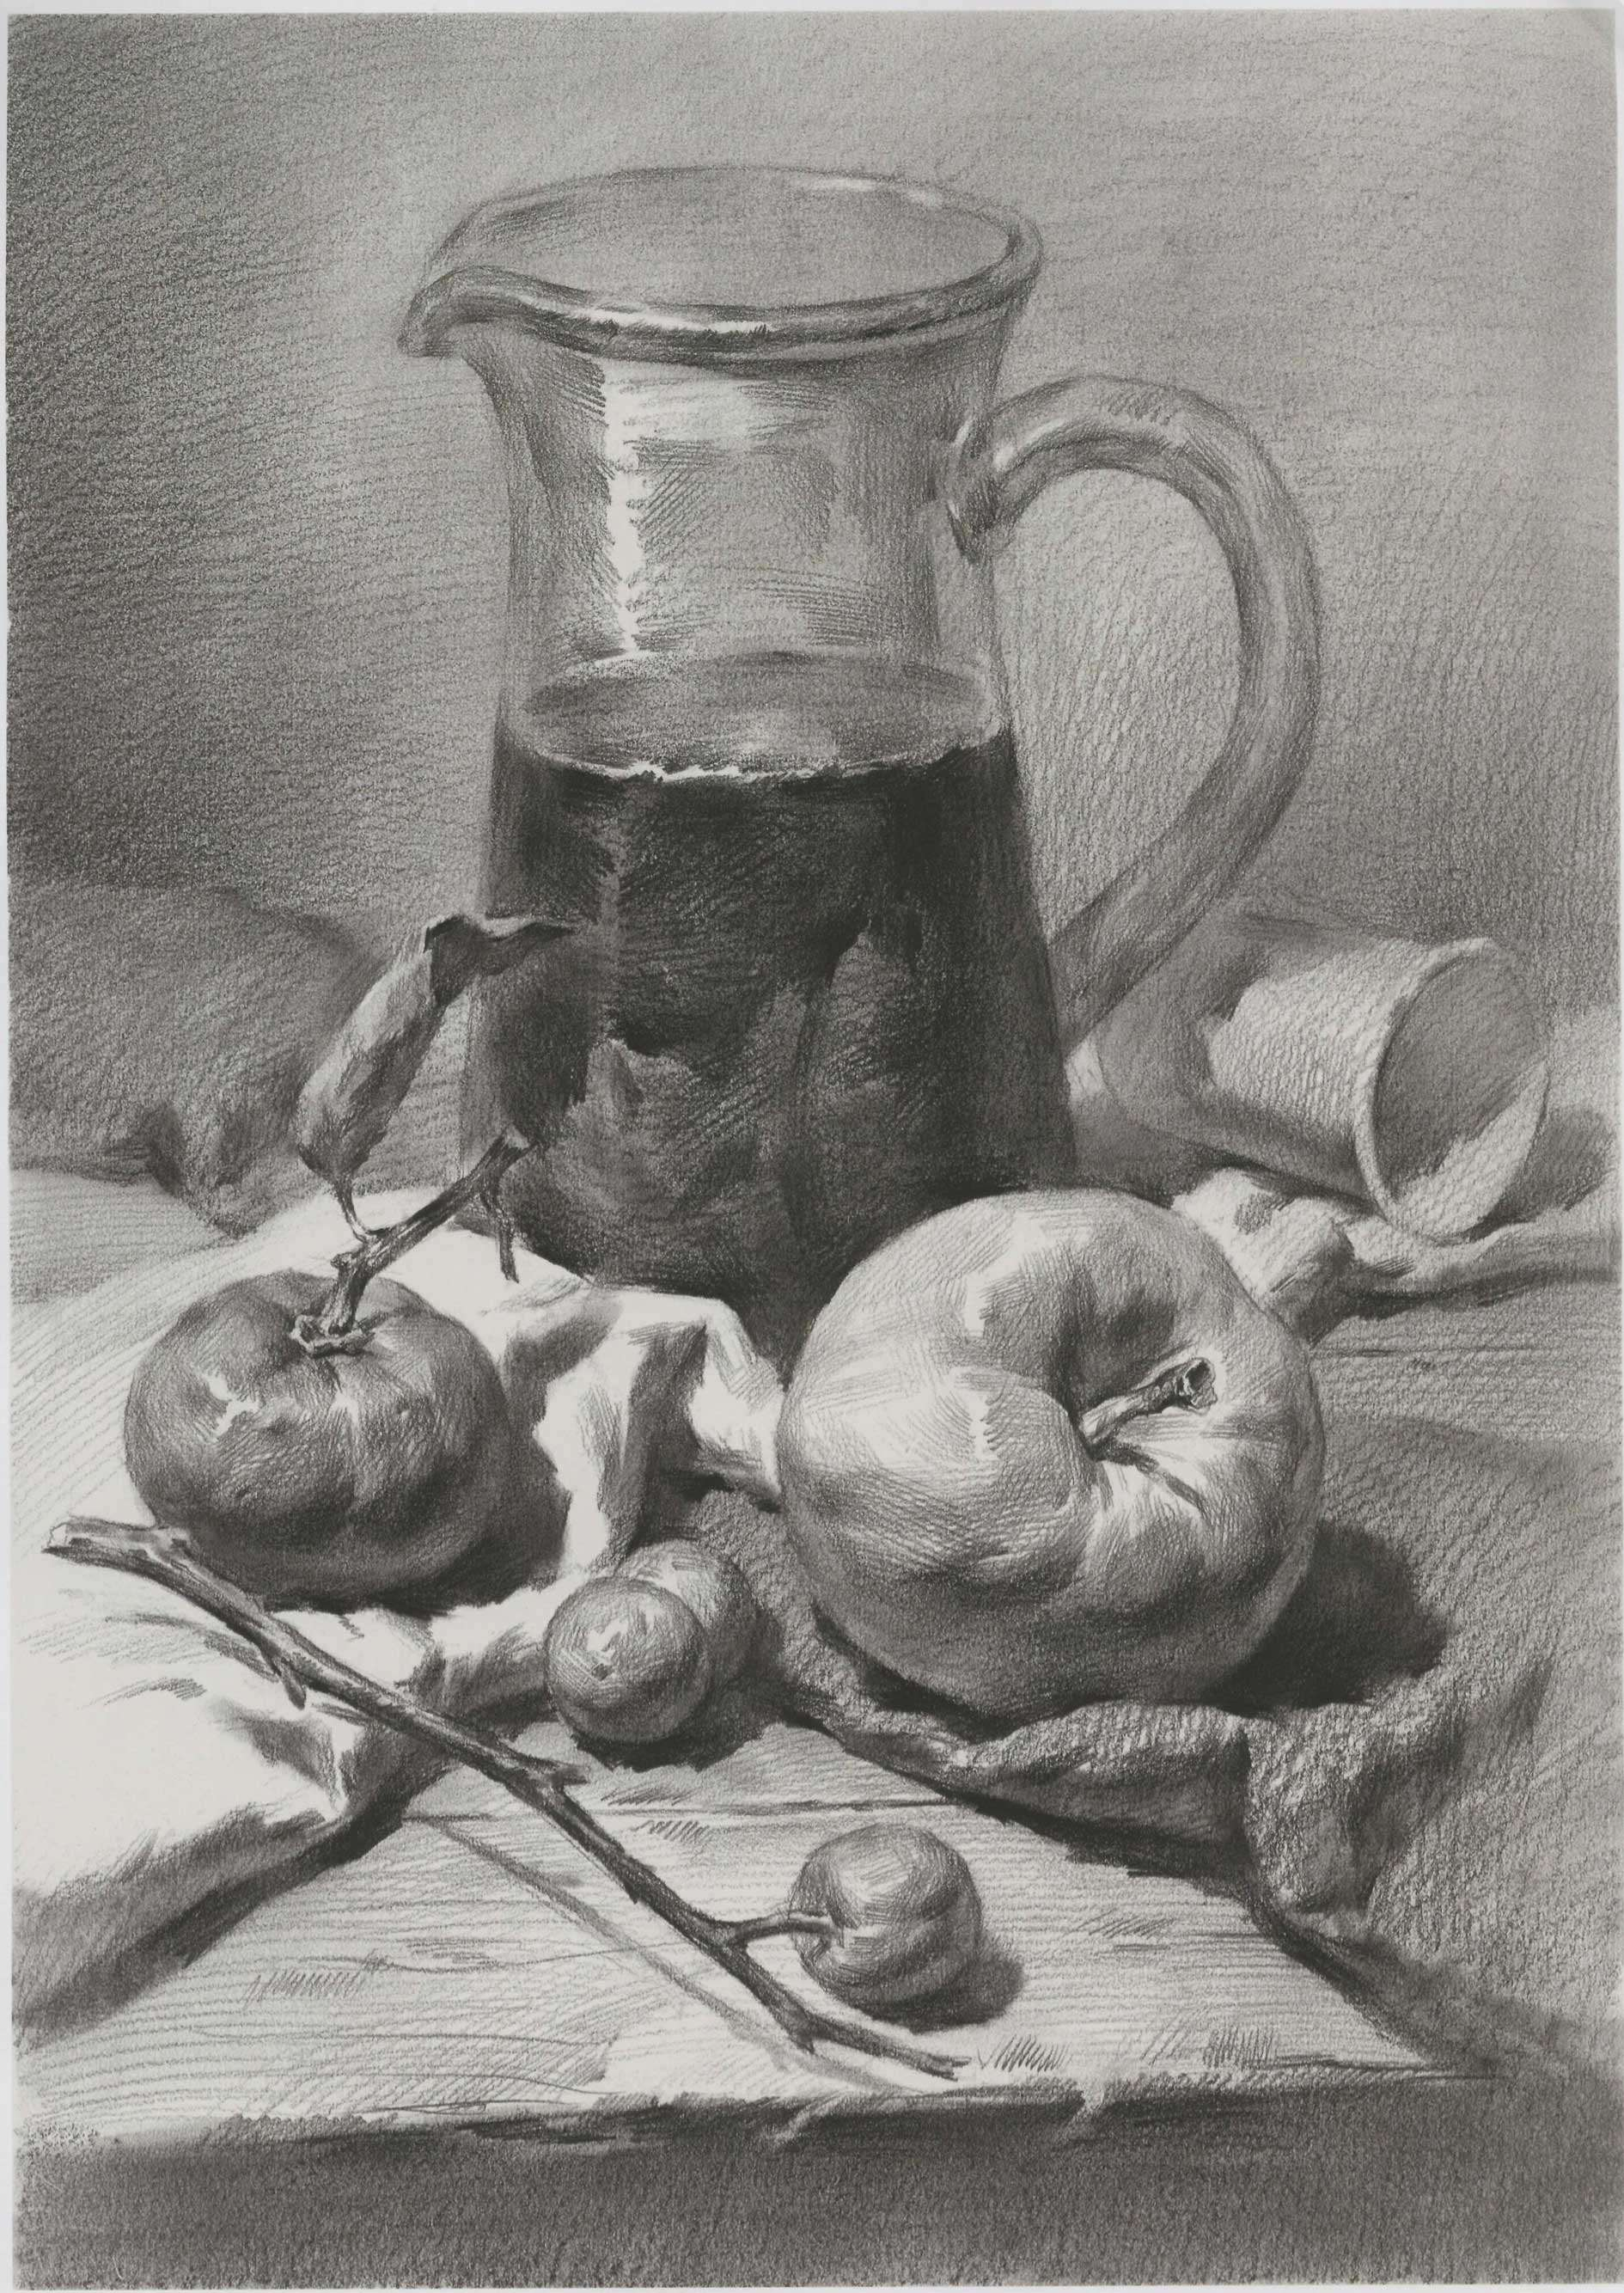 素描静物:大玻璃水杯和苹果等组合 附带素描结构